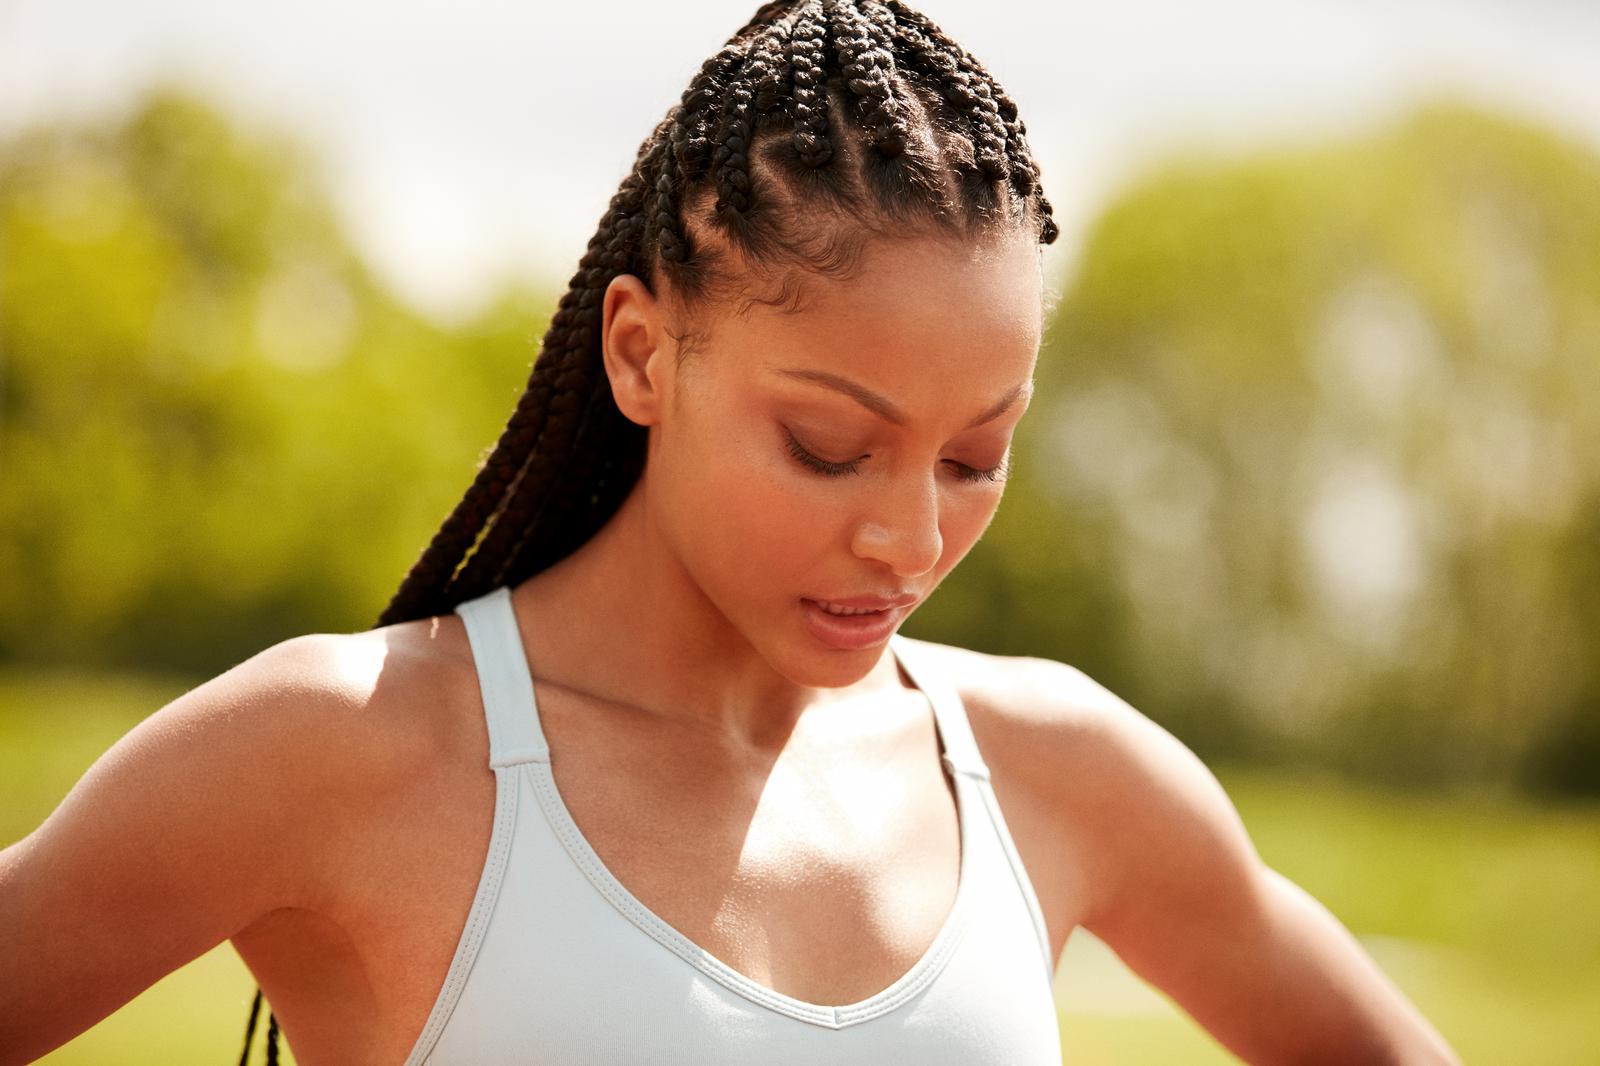 Sportieve mensen die zich somber voelen en verschillen in dieet voor gewichtsverlies | De topstudies van deze week